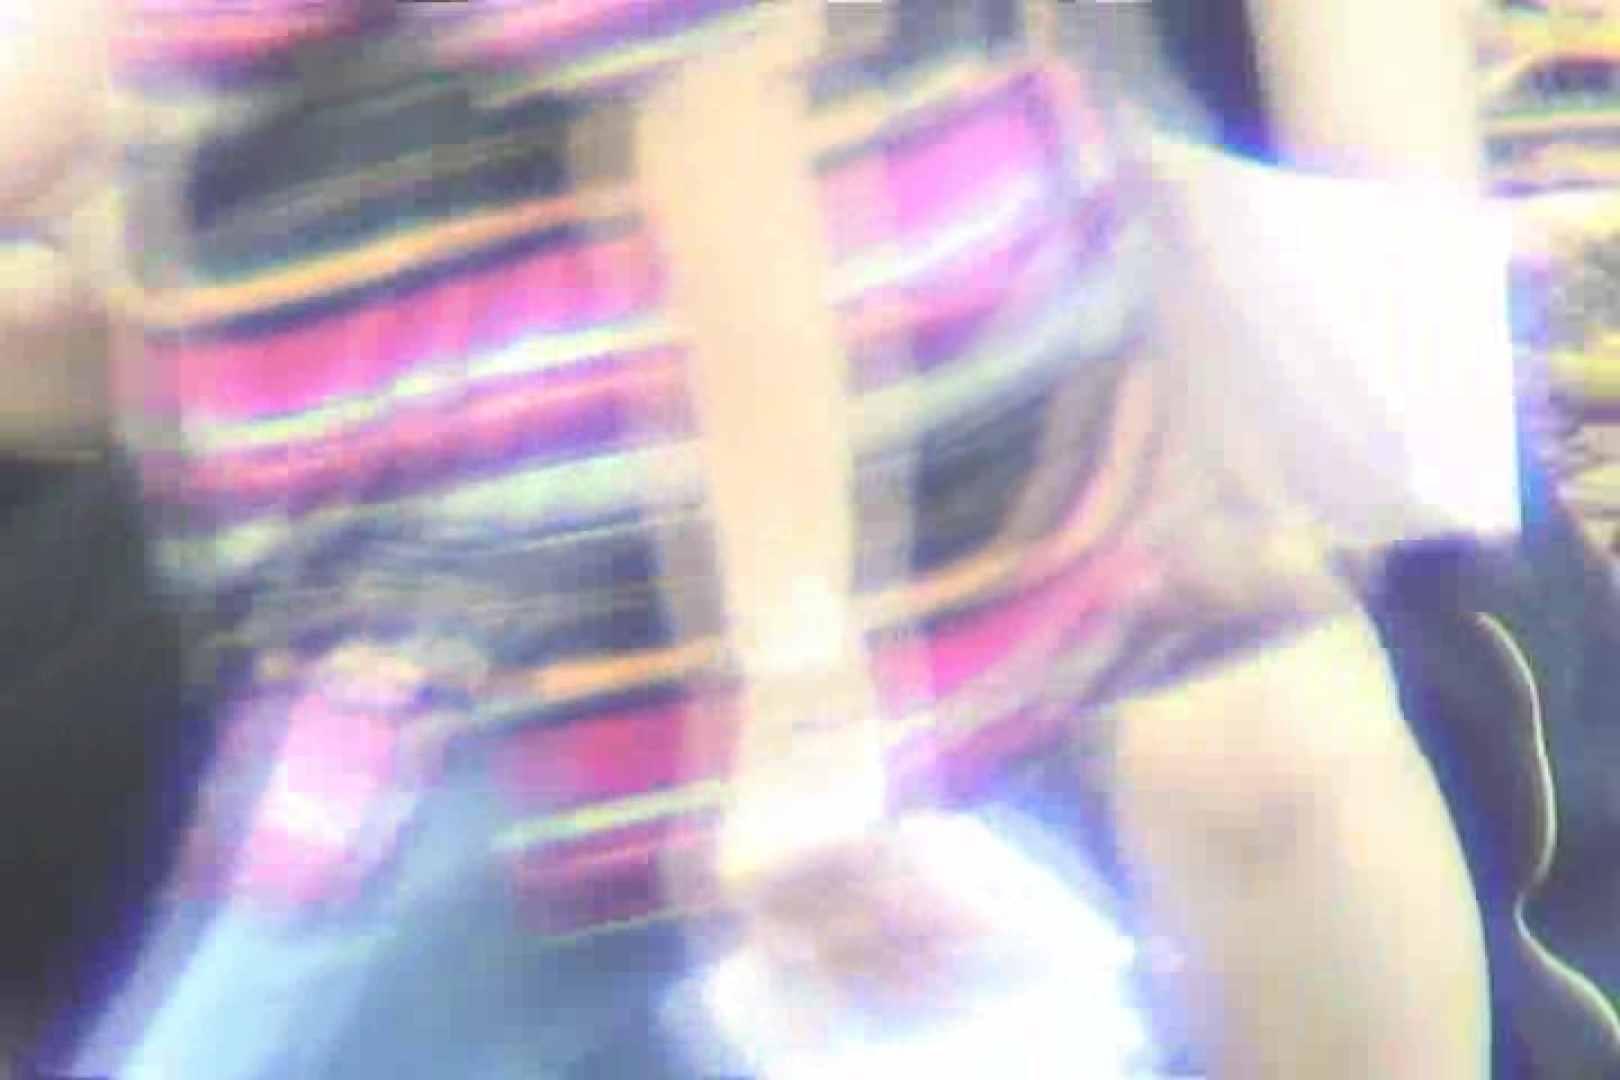 超最新版!春夏秋冬 vol.04 ティーンギャル おまんこ無修正動画無料 87連発 32